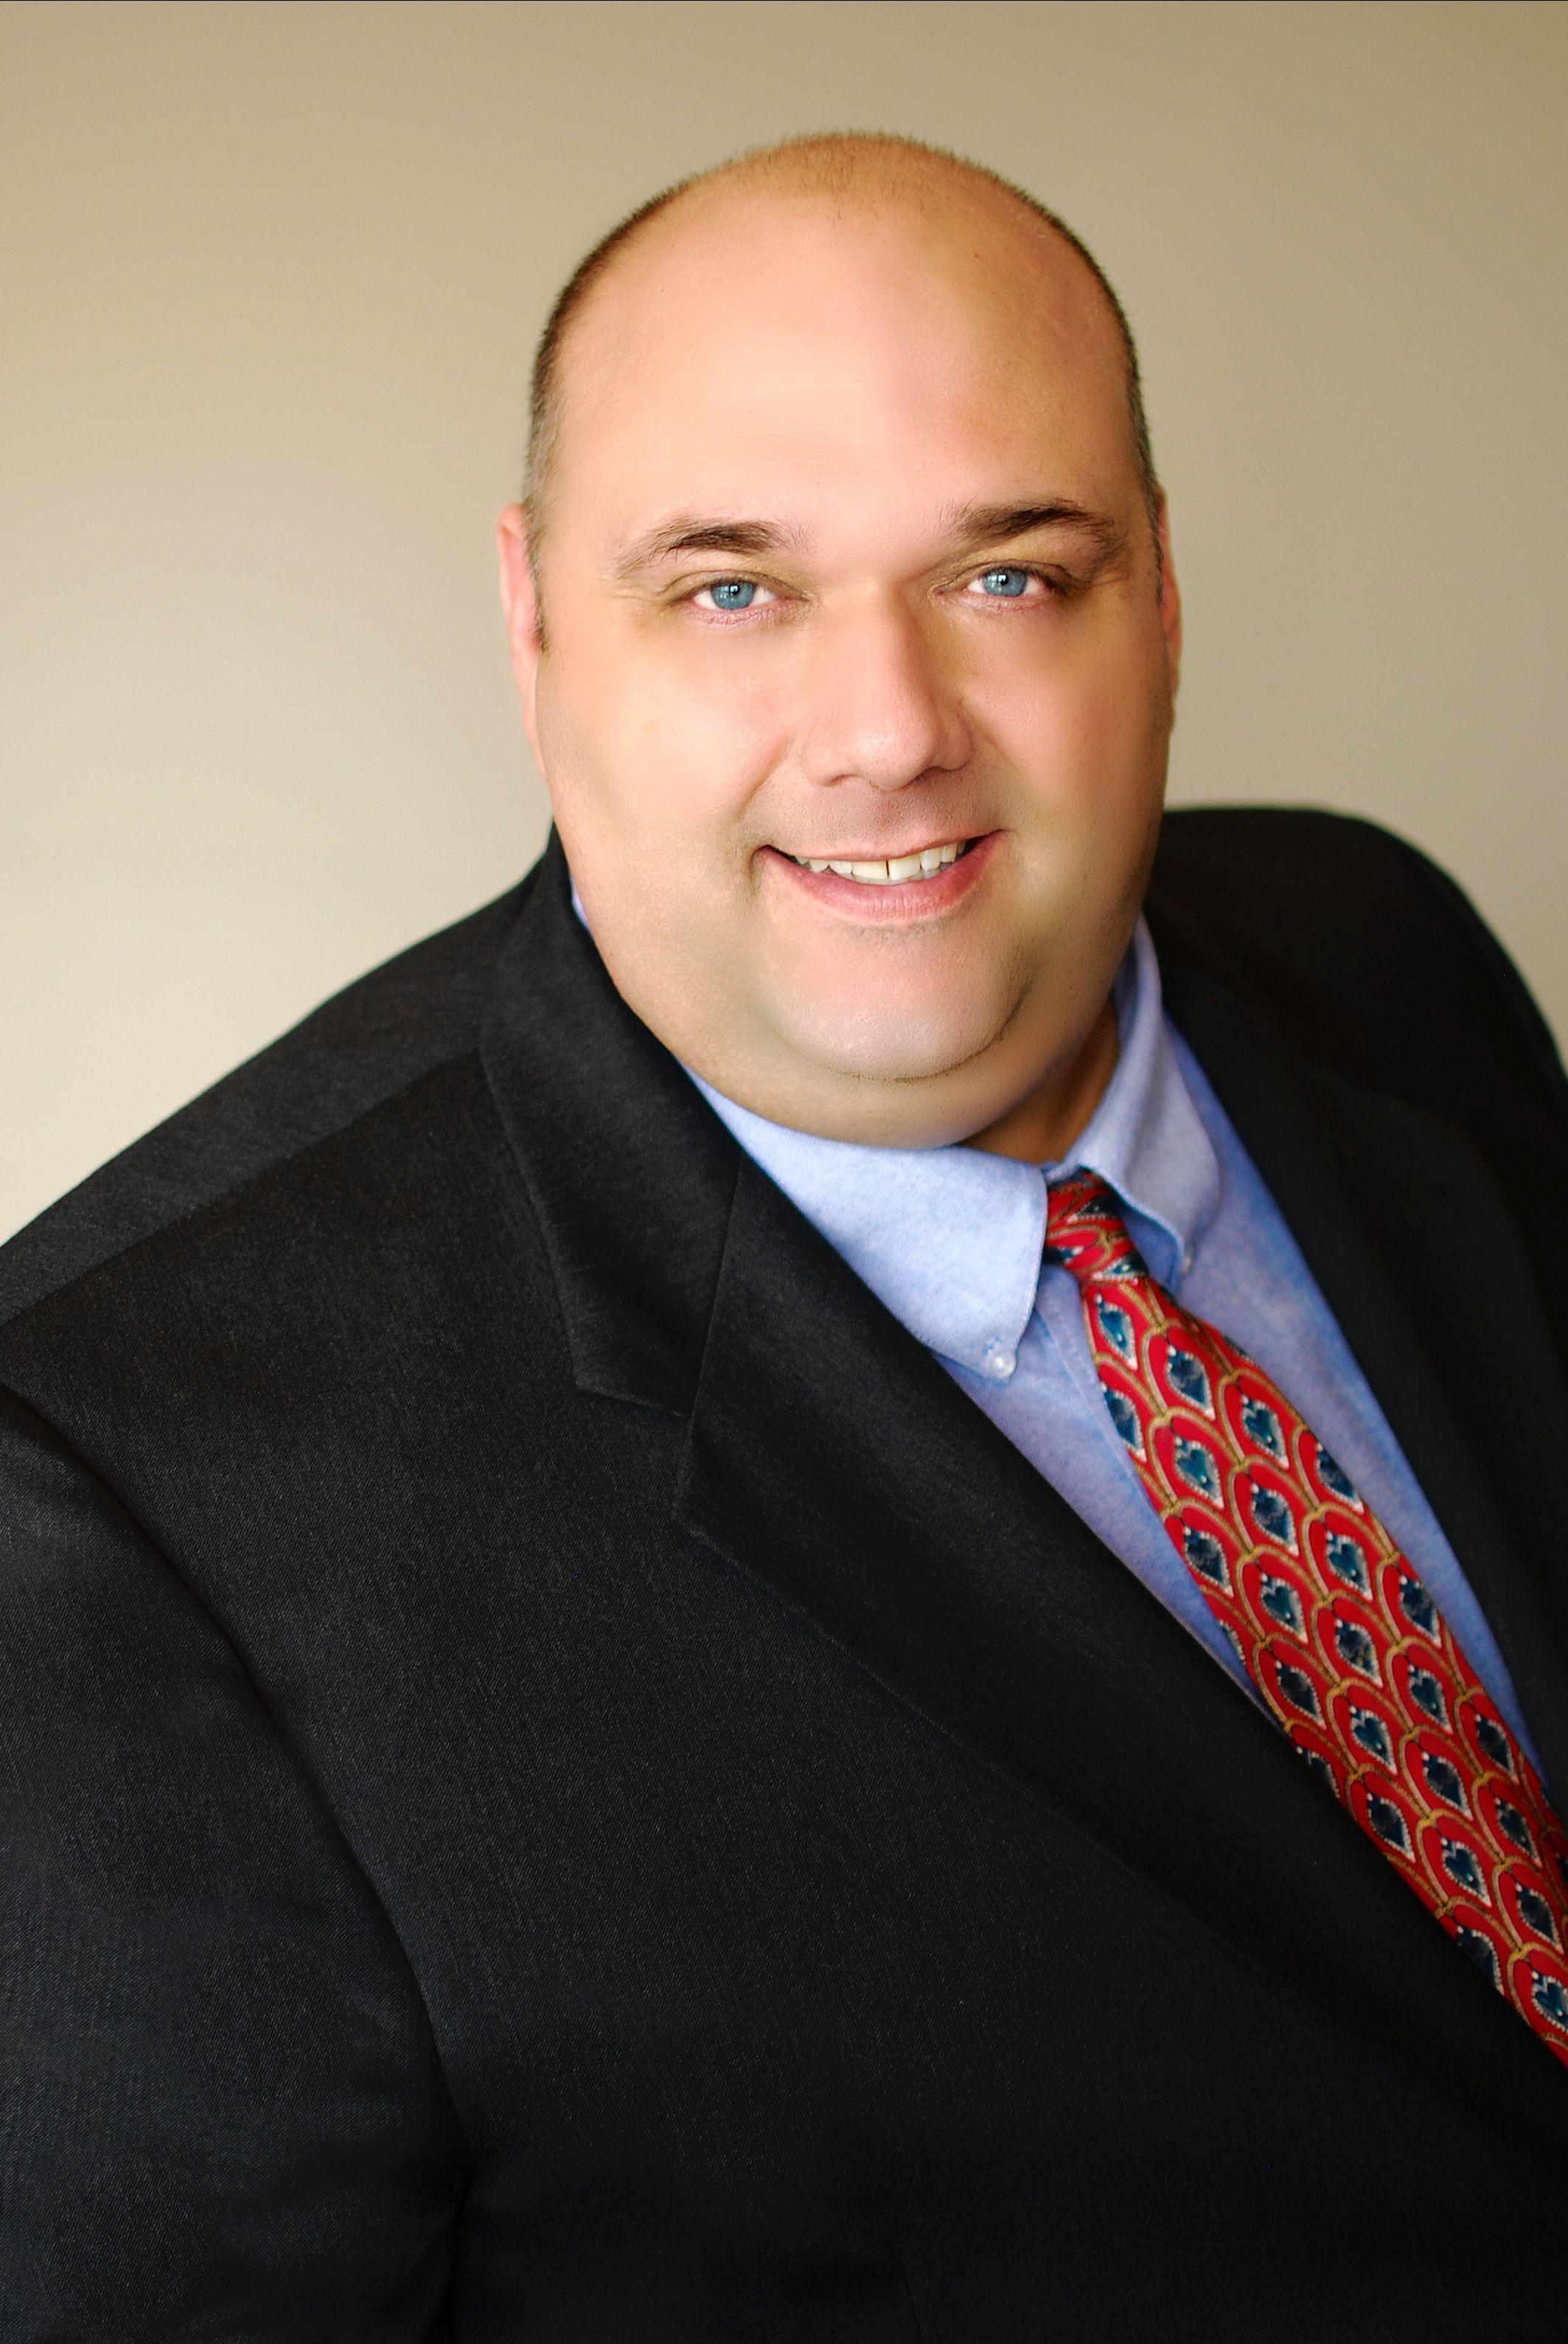 Mike Zitek, Principal